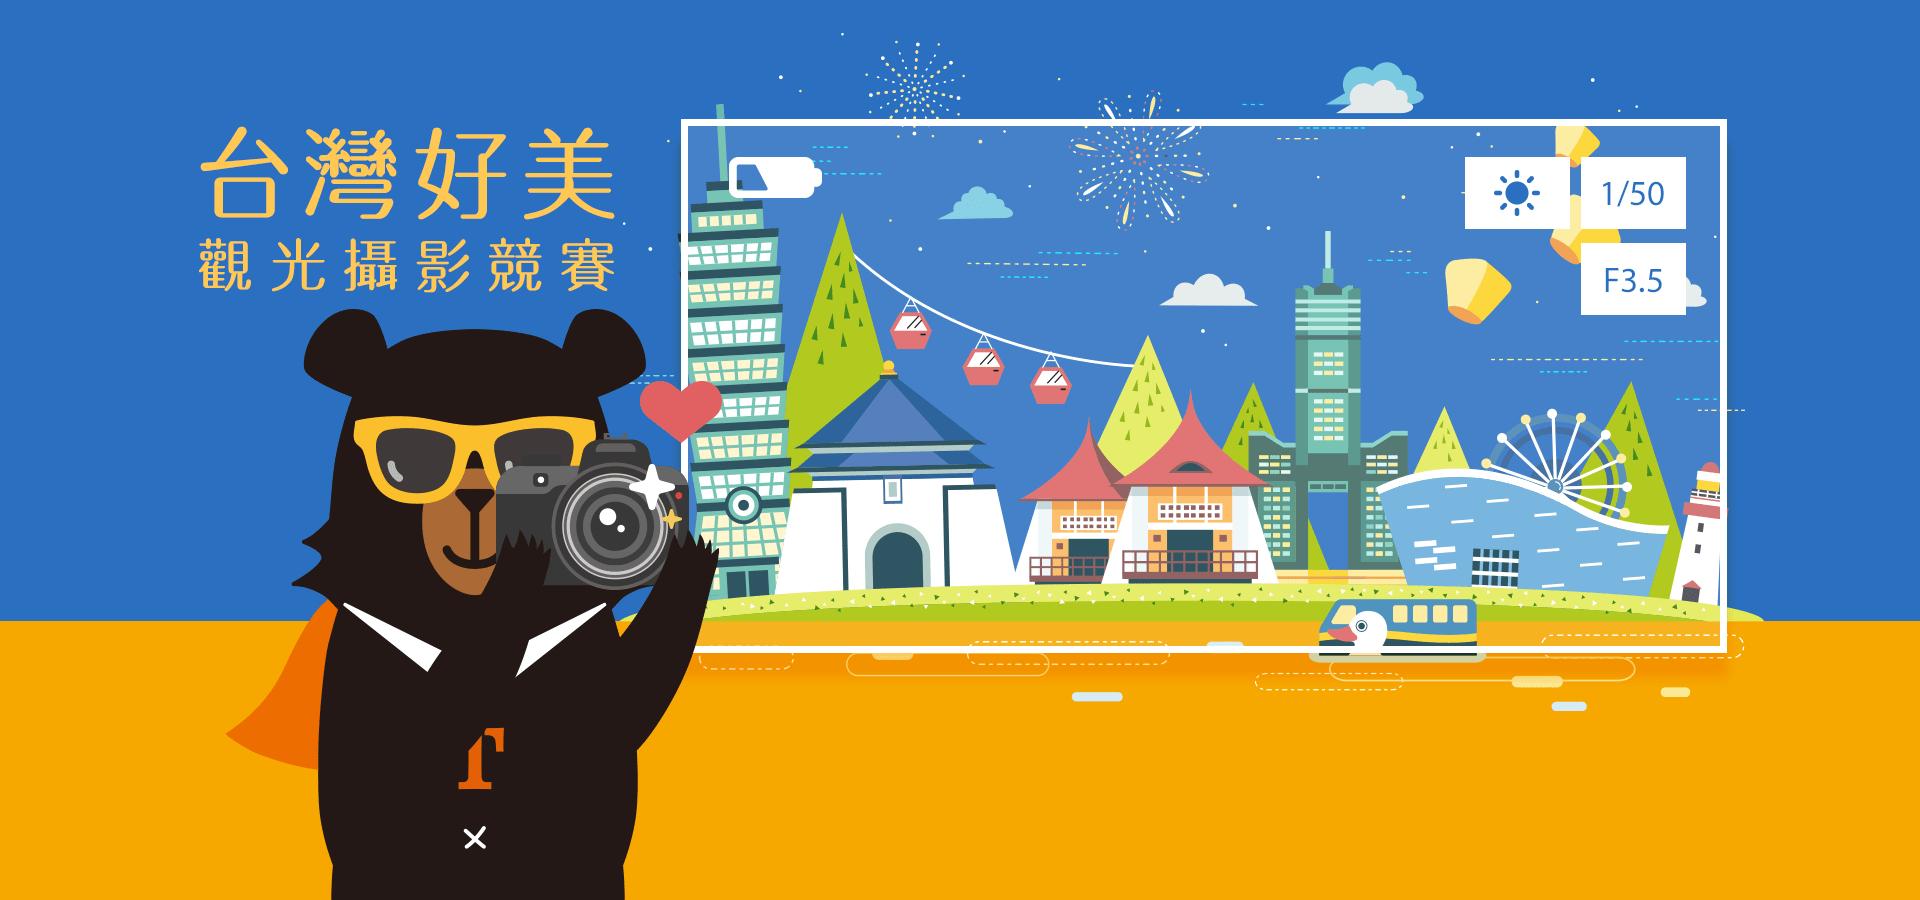 台灣好美觀光攝影競賽